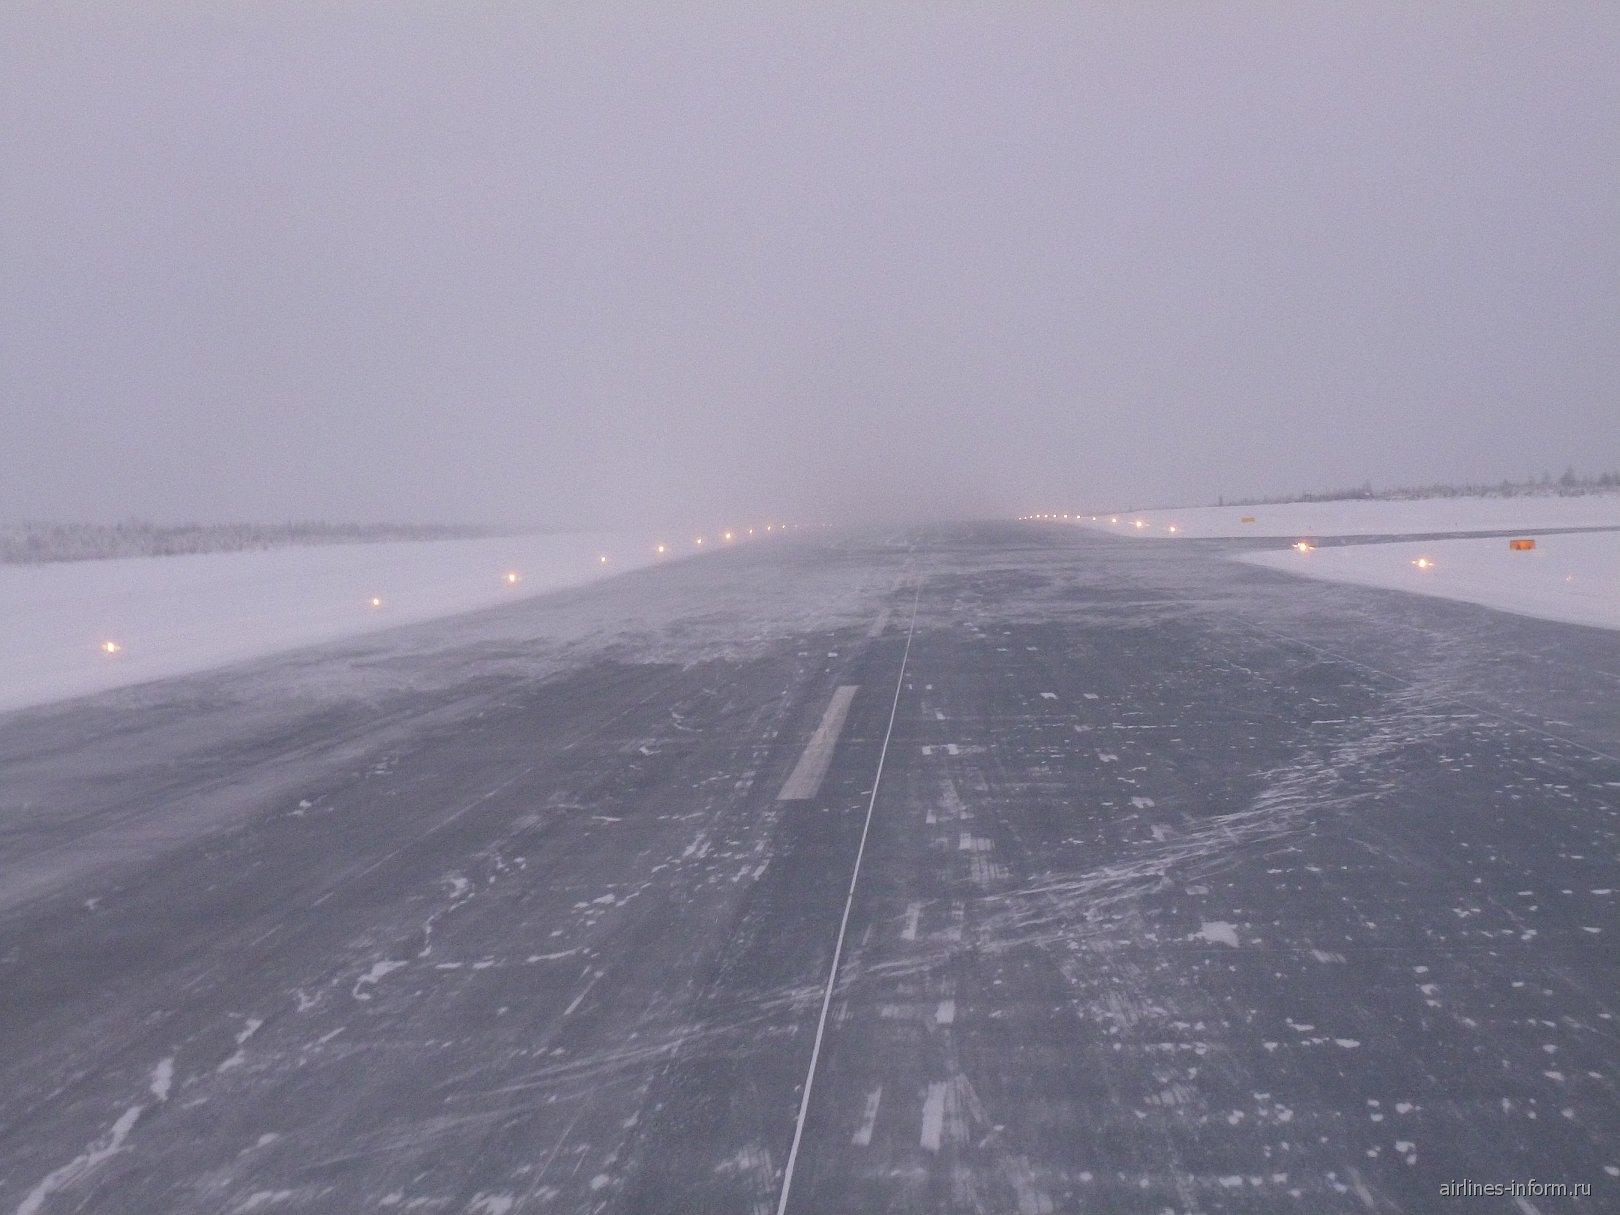 ВПП аэропорта Ноябрьск